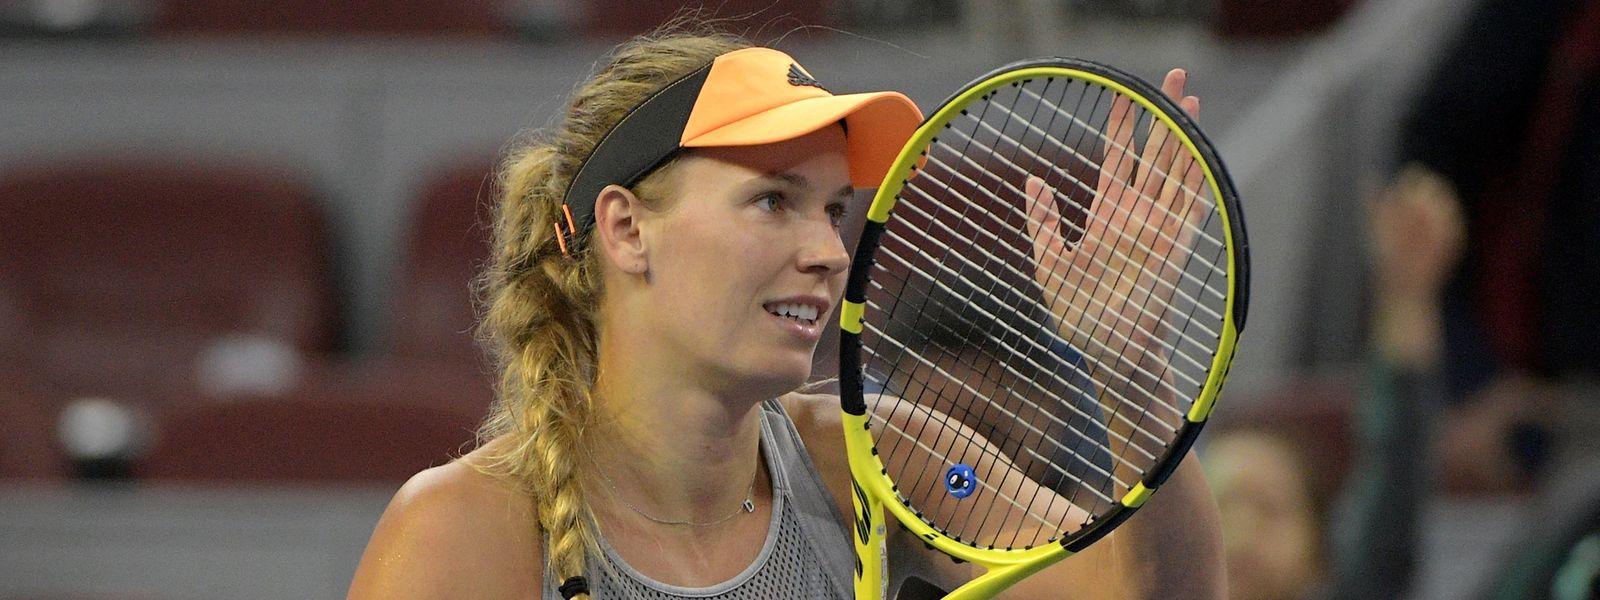 Caroline Wozniacki war 71 Wochen lang die Nummer eins der Tennisweltrangliste.